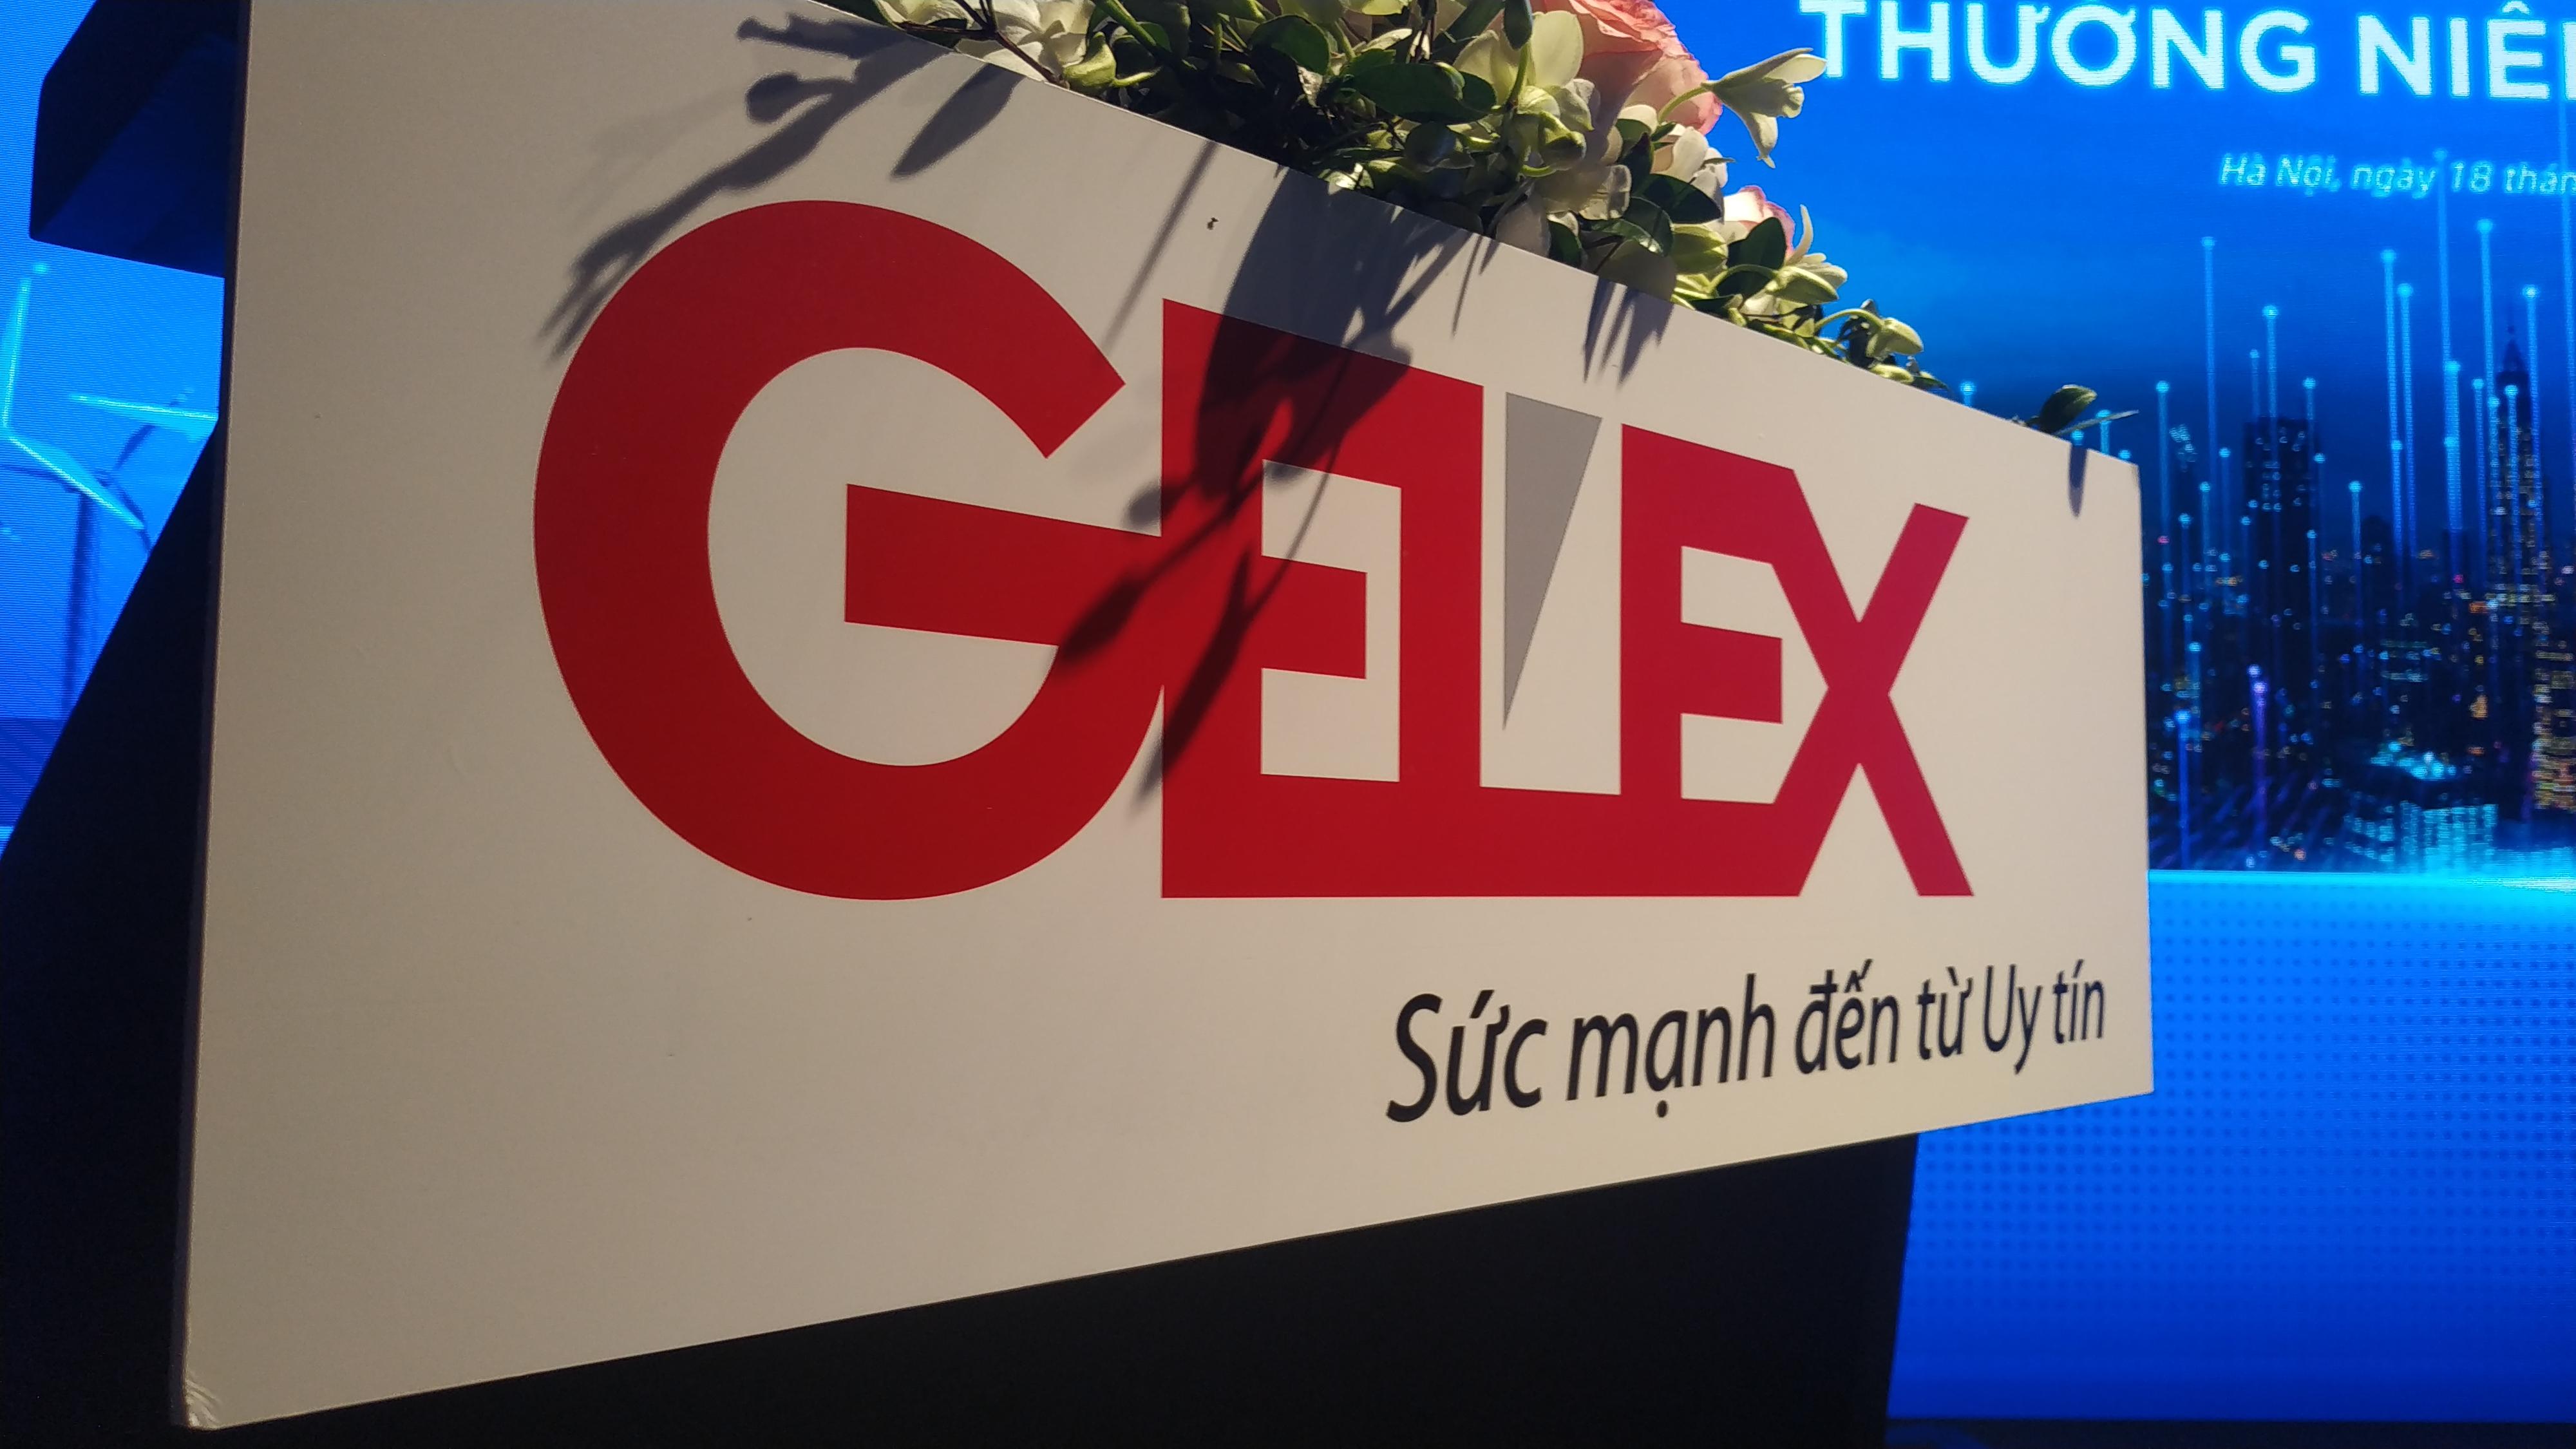 Gelex đăng ký mua 22,5 triệu cp VGC, quyết chiếm trên 51% vốn Viglacera - Ảnh 1.